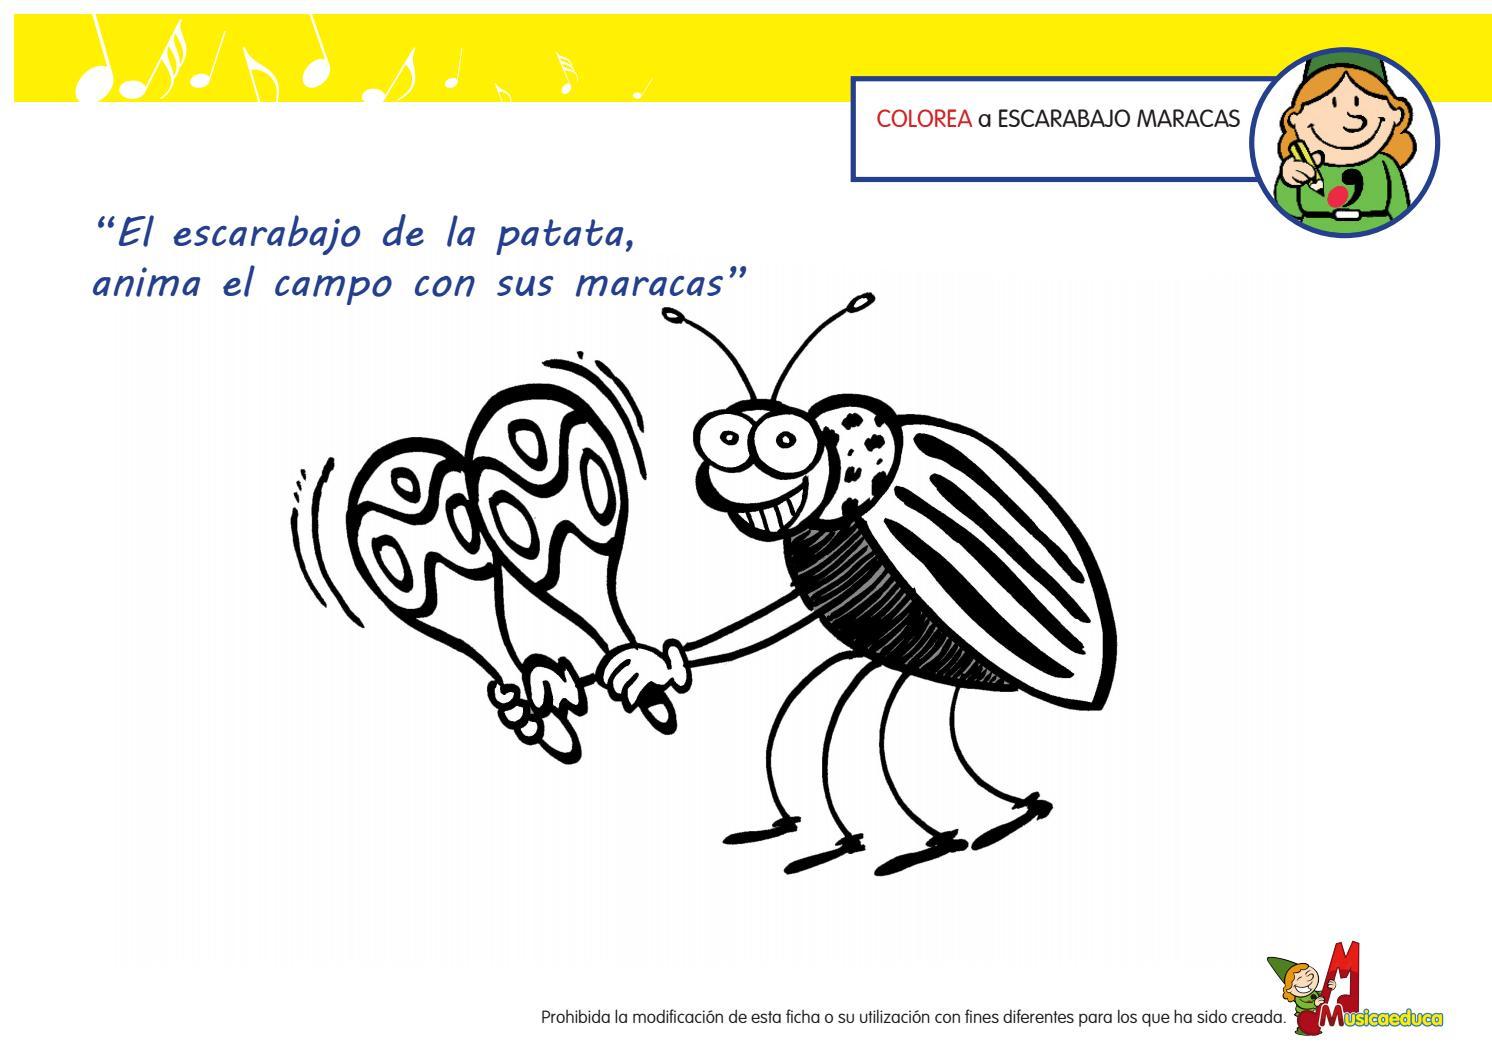 Escarabajo maracas colorea by Macarena Torres Salinas - issuu